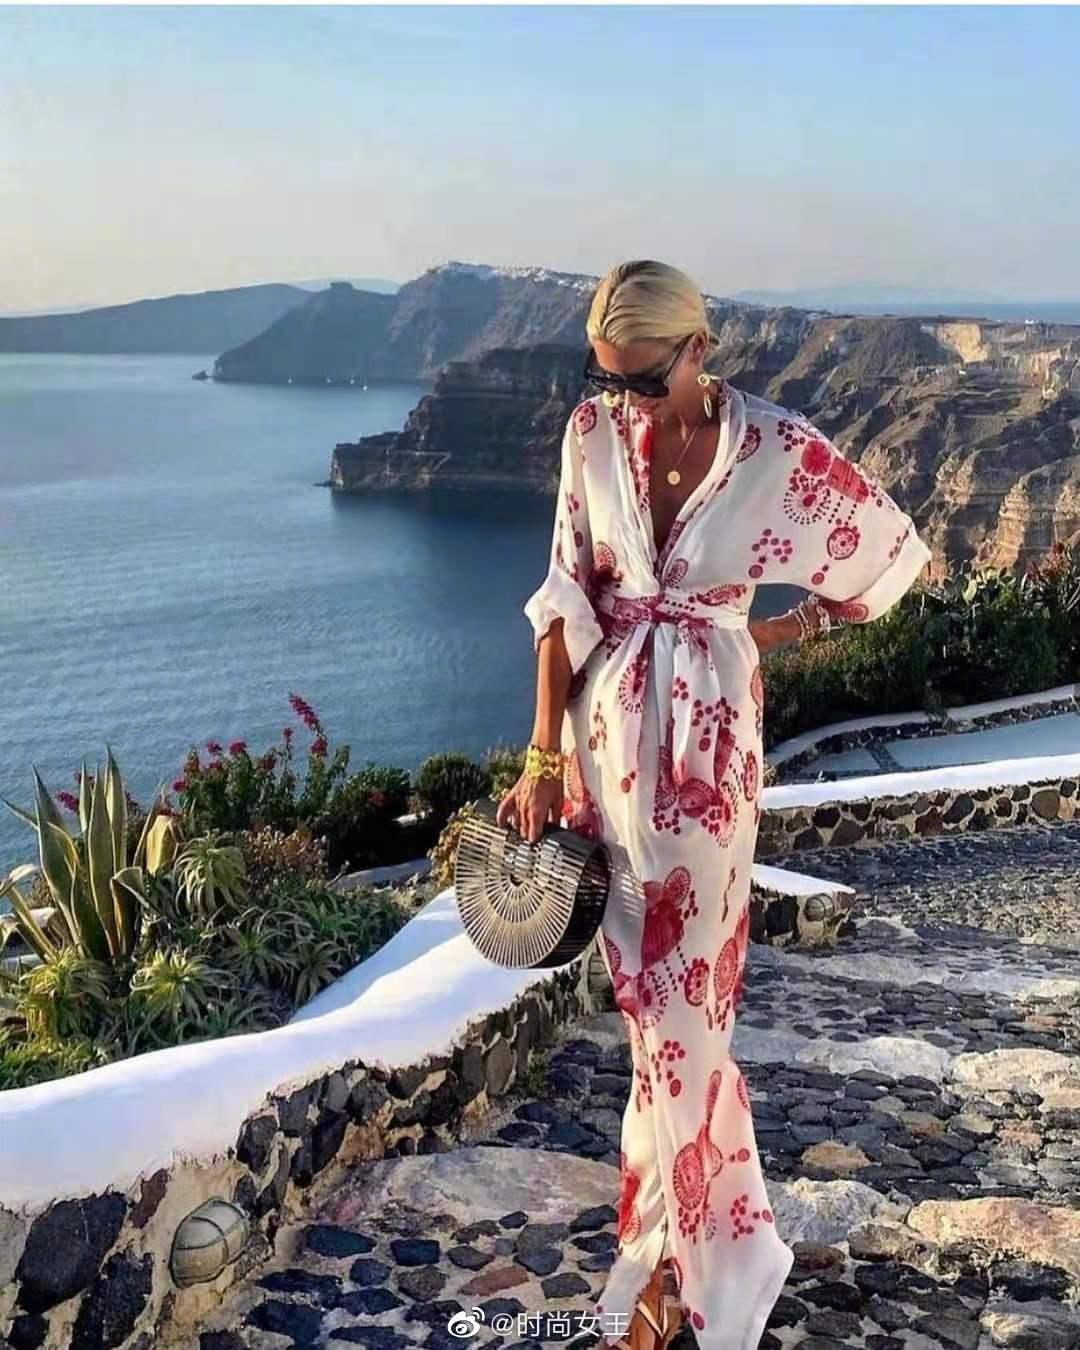 高级感满满的印花长裙,在时尚博主的演绎下,既浪漫又风情……